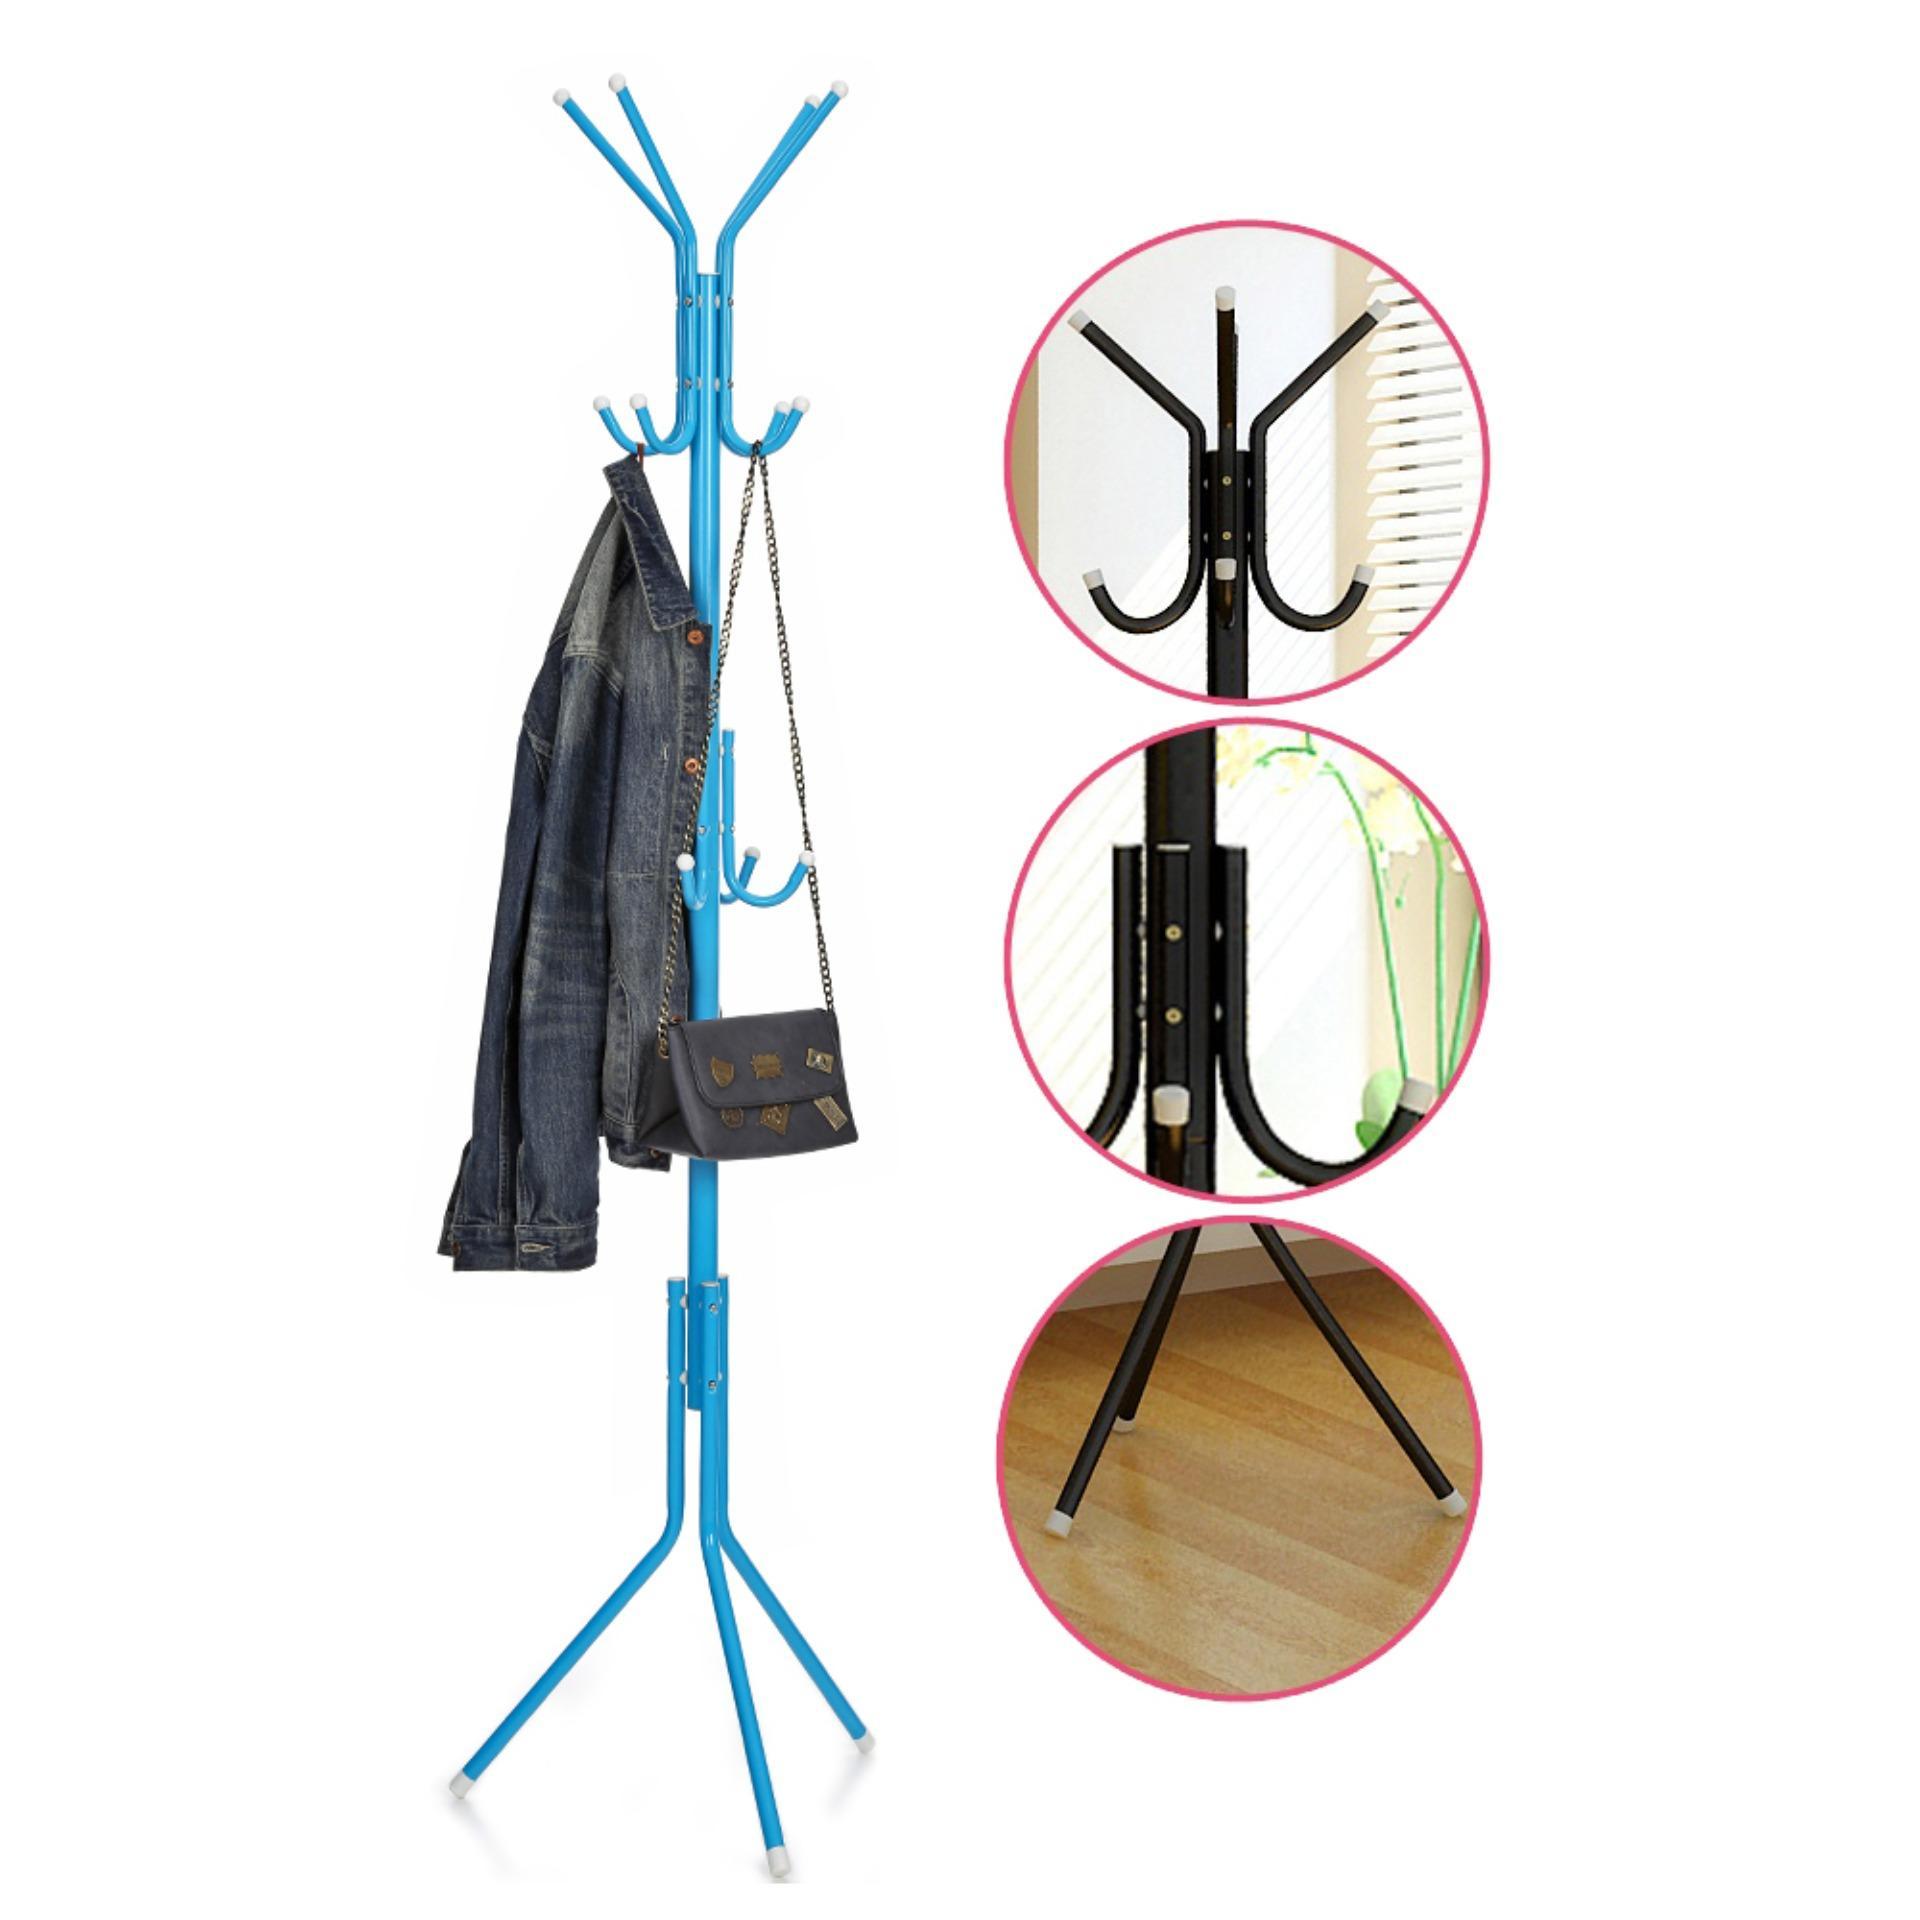 Stand Hanger -  Gantungan Baju Standing Hanger / Multifunction Stand Hanger